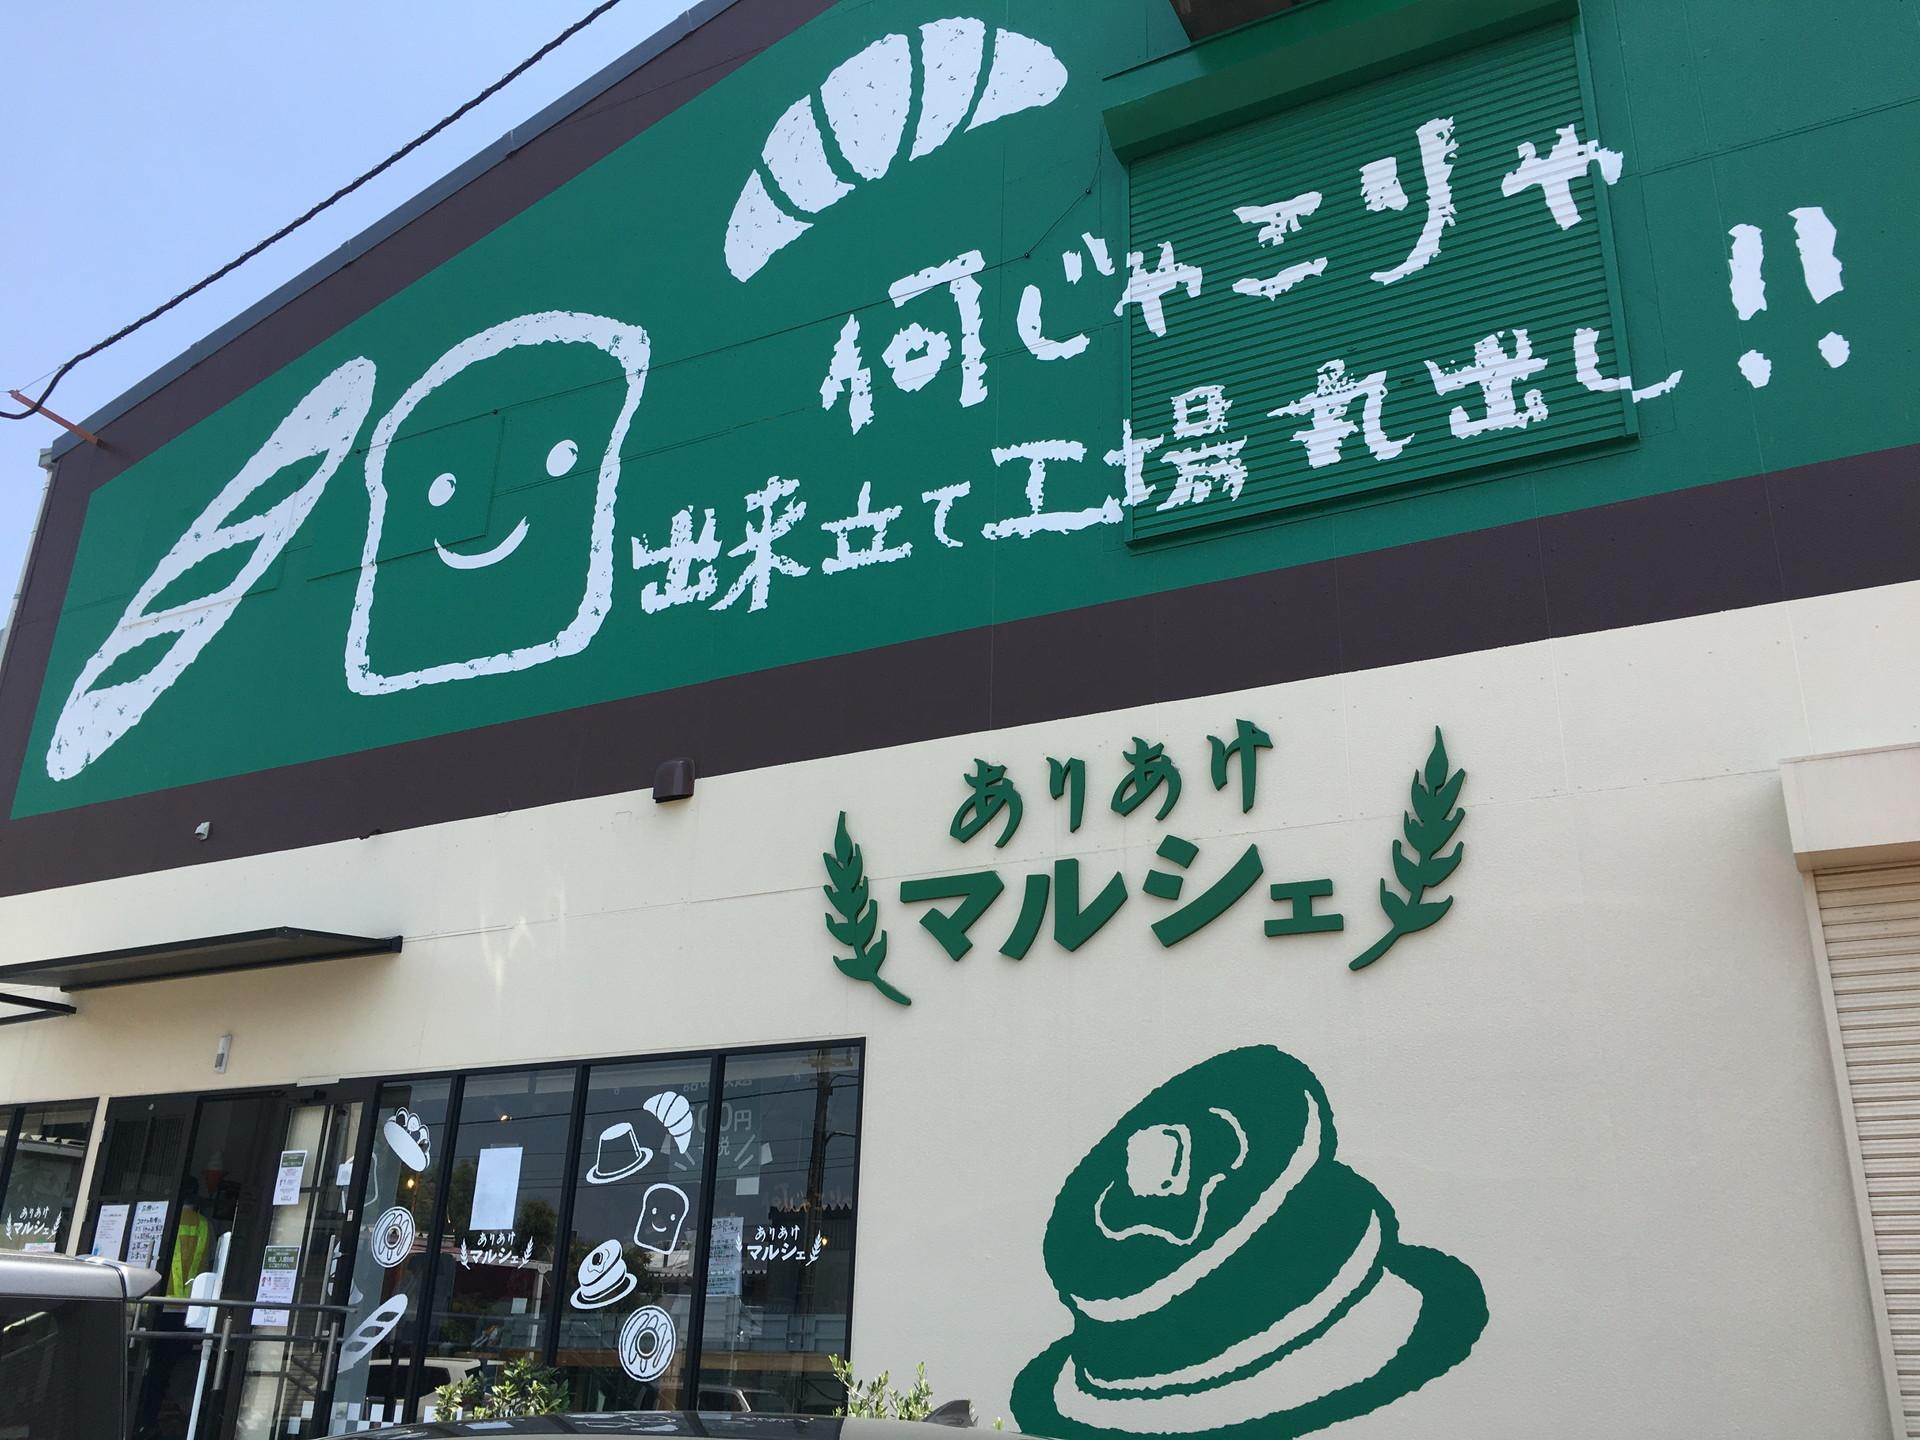 ヨコハマの裏名所!?ありあけ「横濱ハーバー」できたて売り場に潜入!